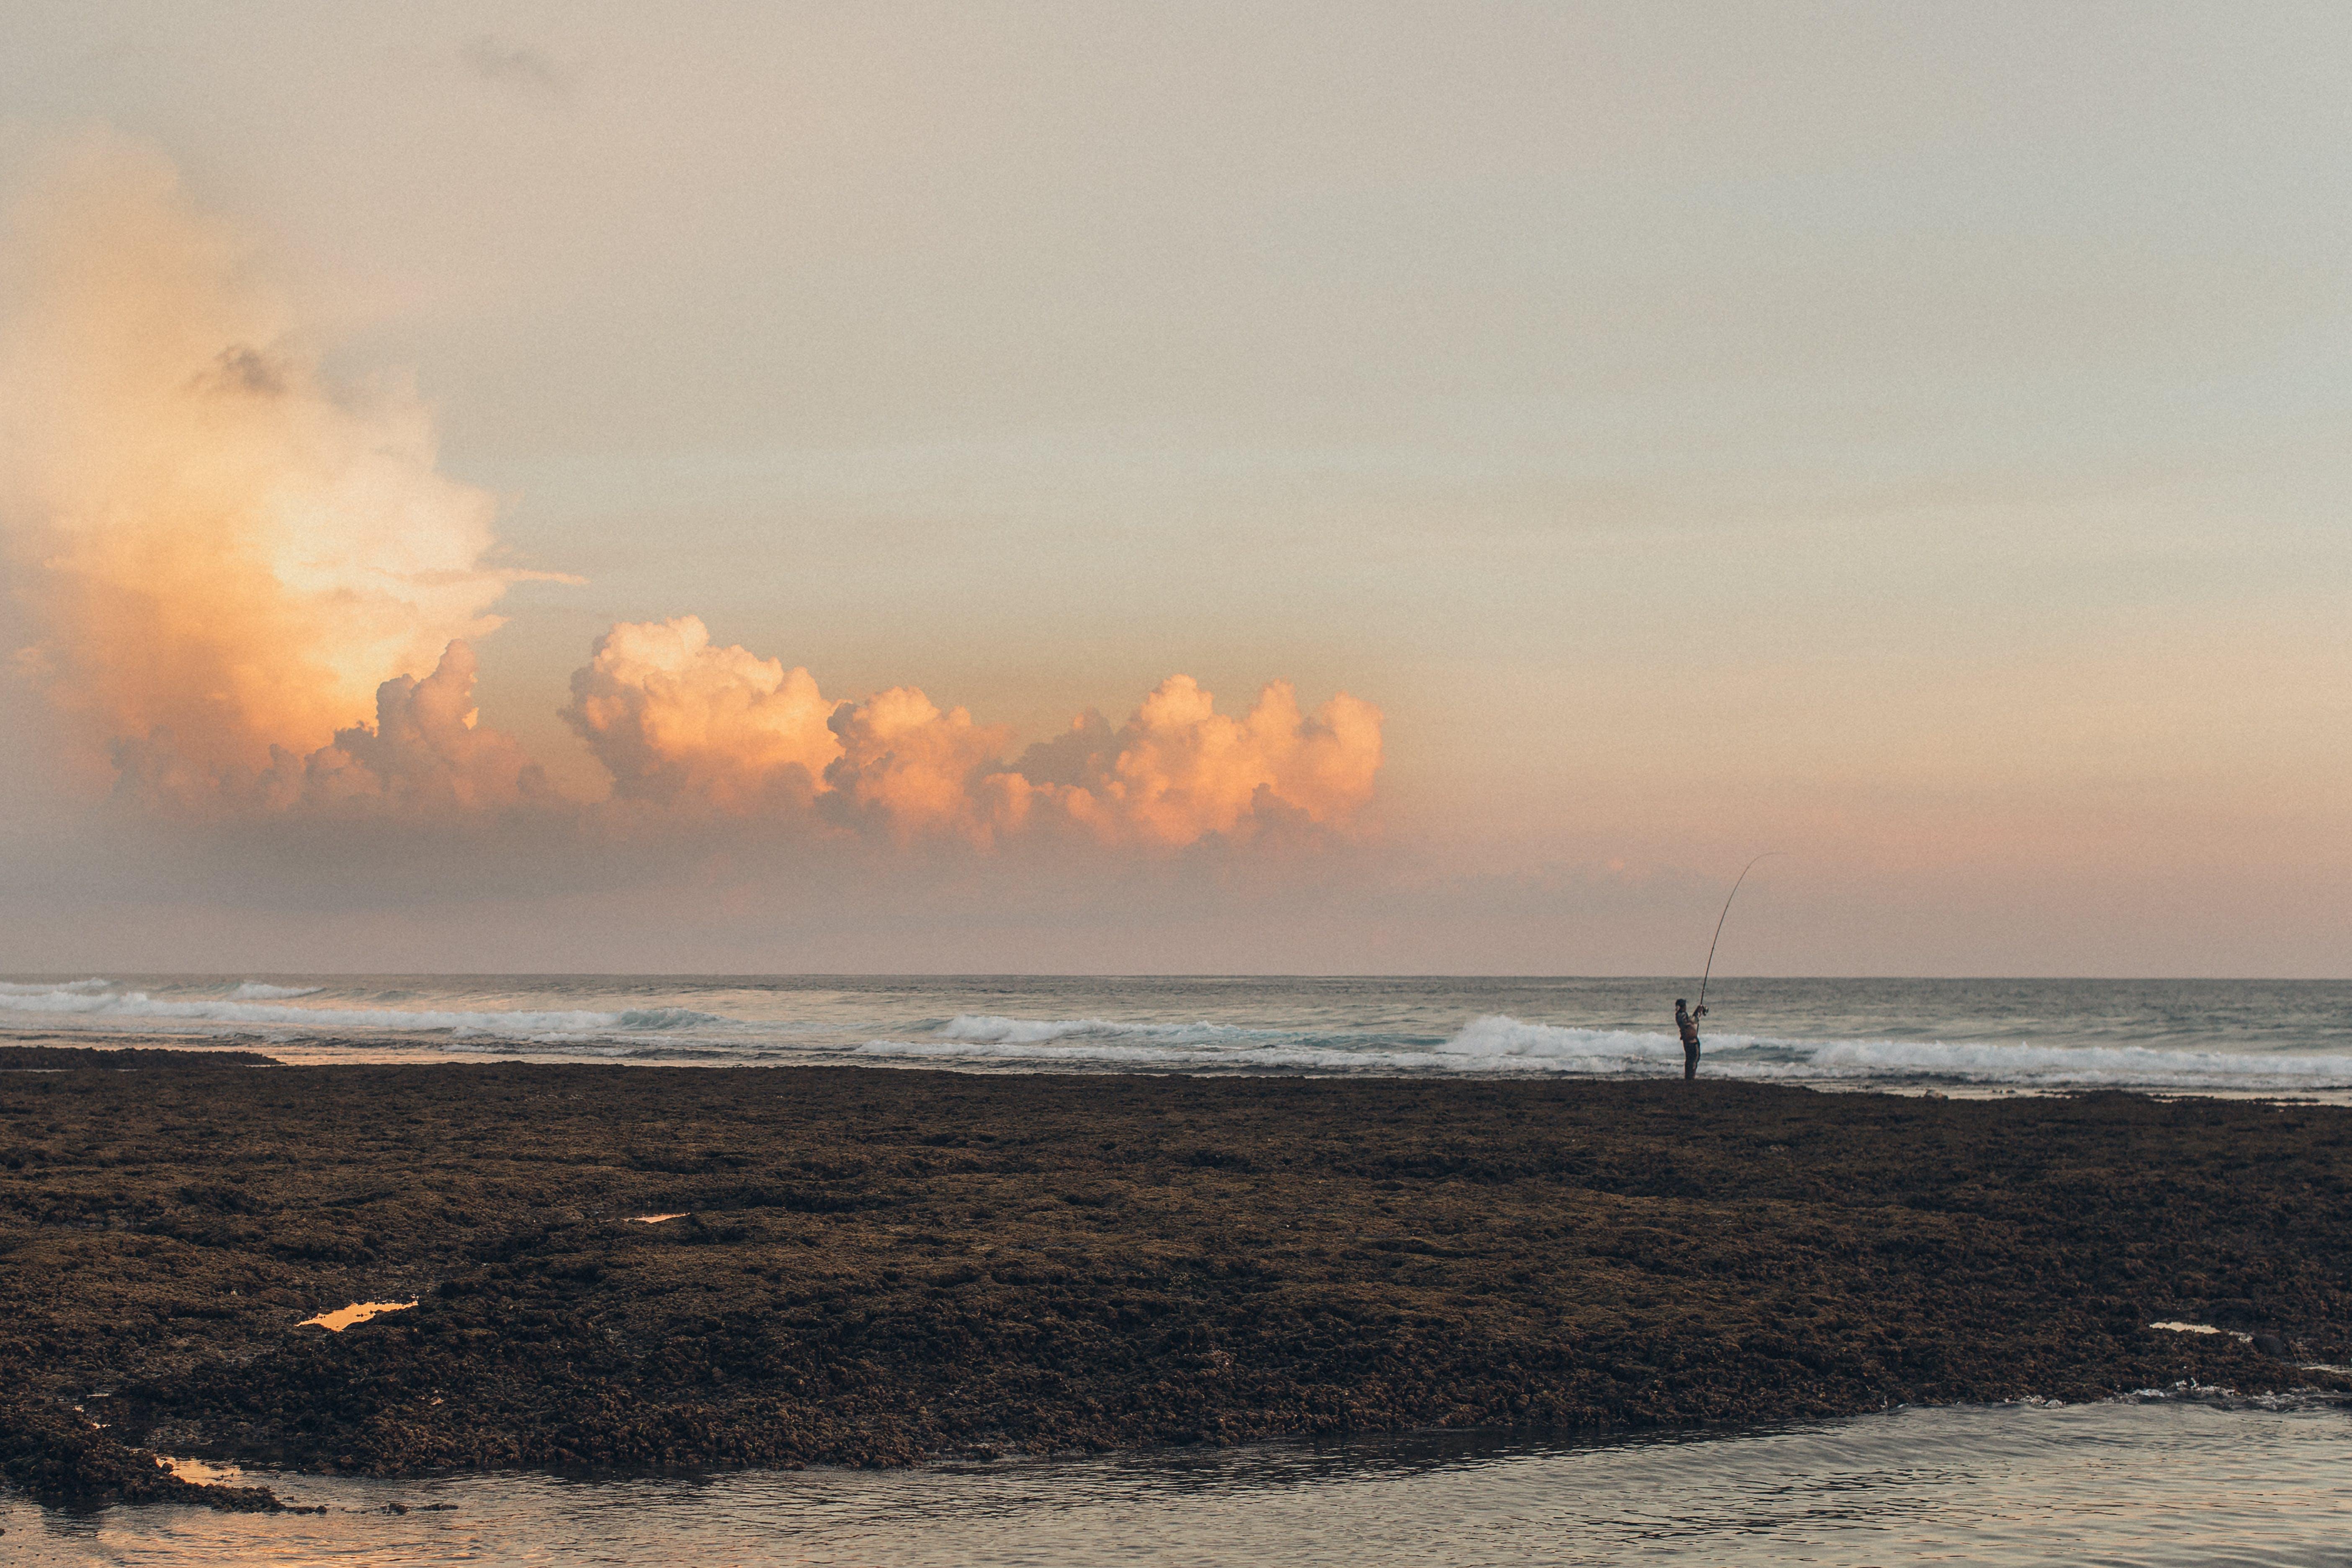 arkadan aydınlatılmış, deniz, deniz manzarası, gökyüzü içeren Ücretsiz stok fotoğraf